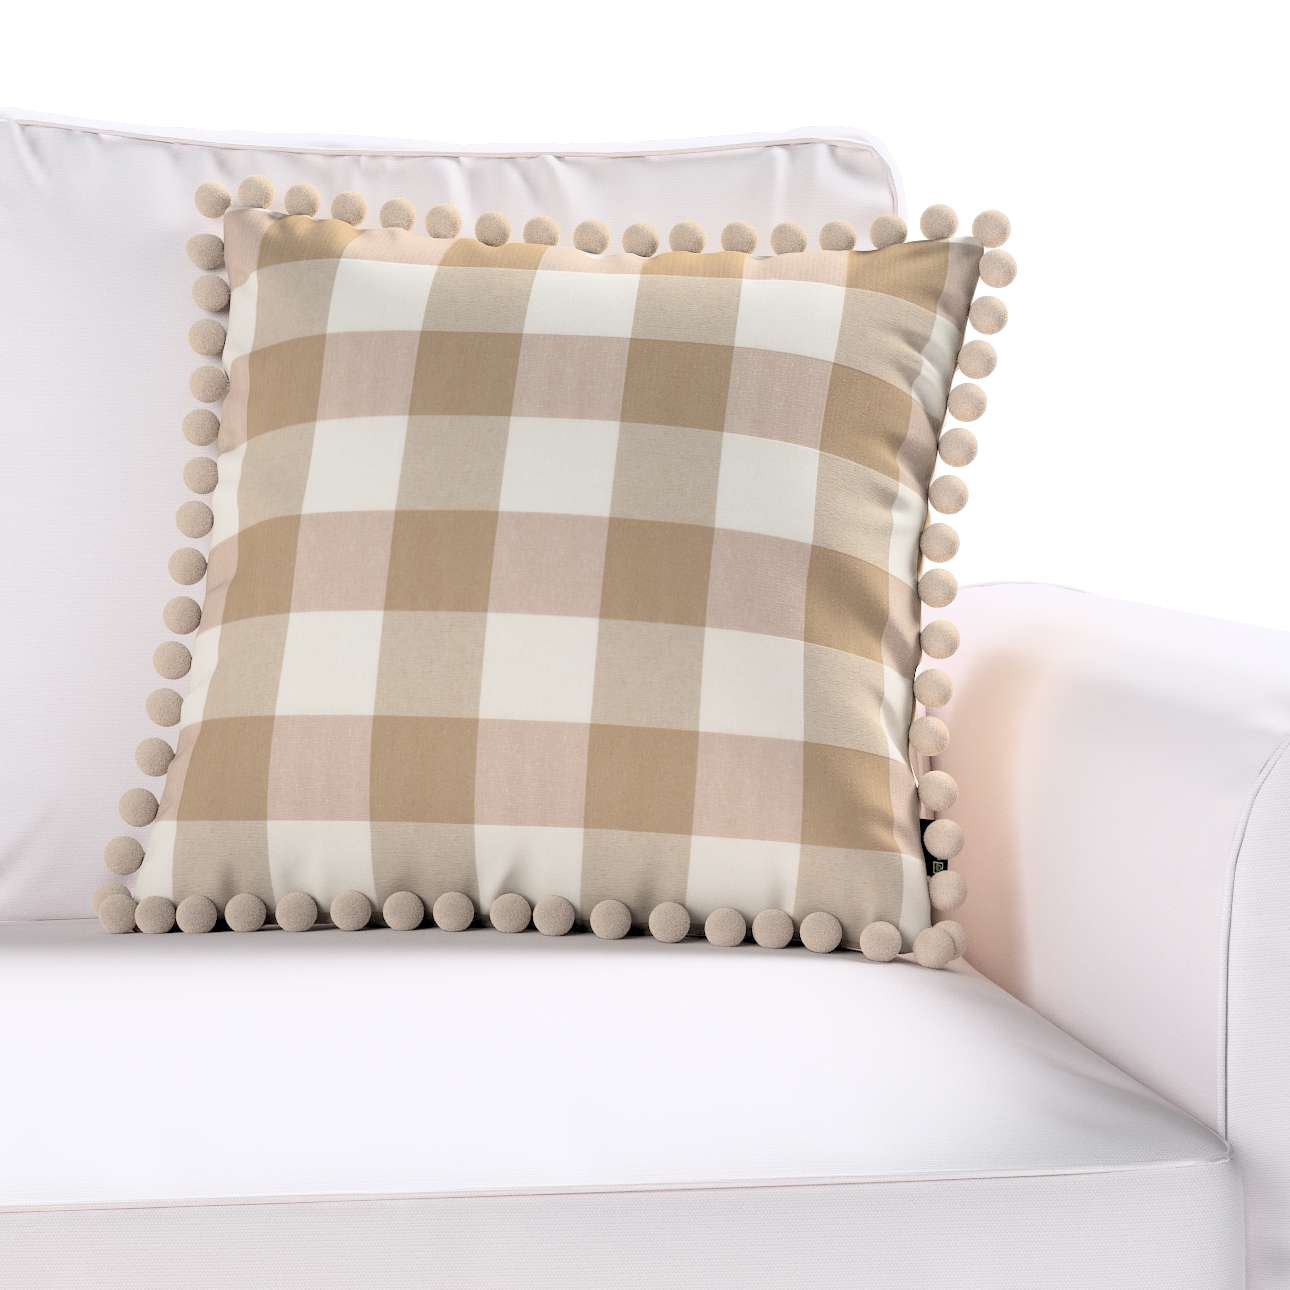 Poszewka Wera na poduszkę w kolekcji Quadro, tkanina: 136-08